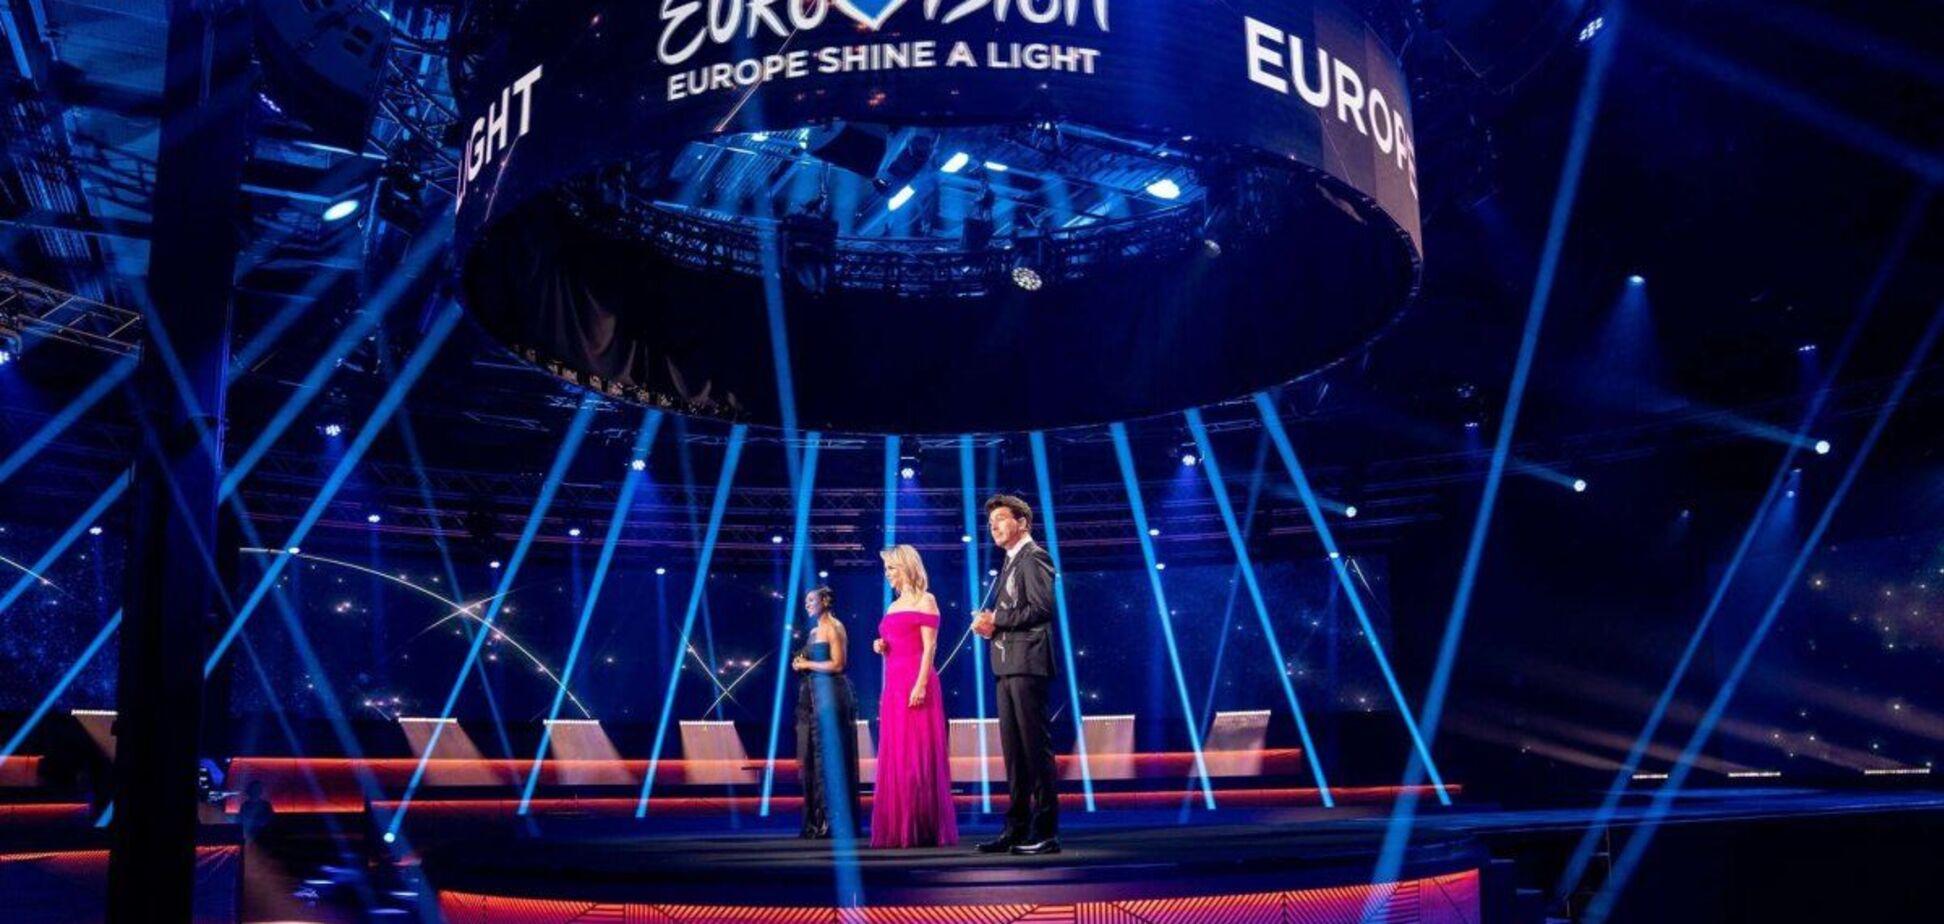 Євробачення 2021: як будуть виступати артисти в разі закриття кордонів